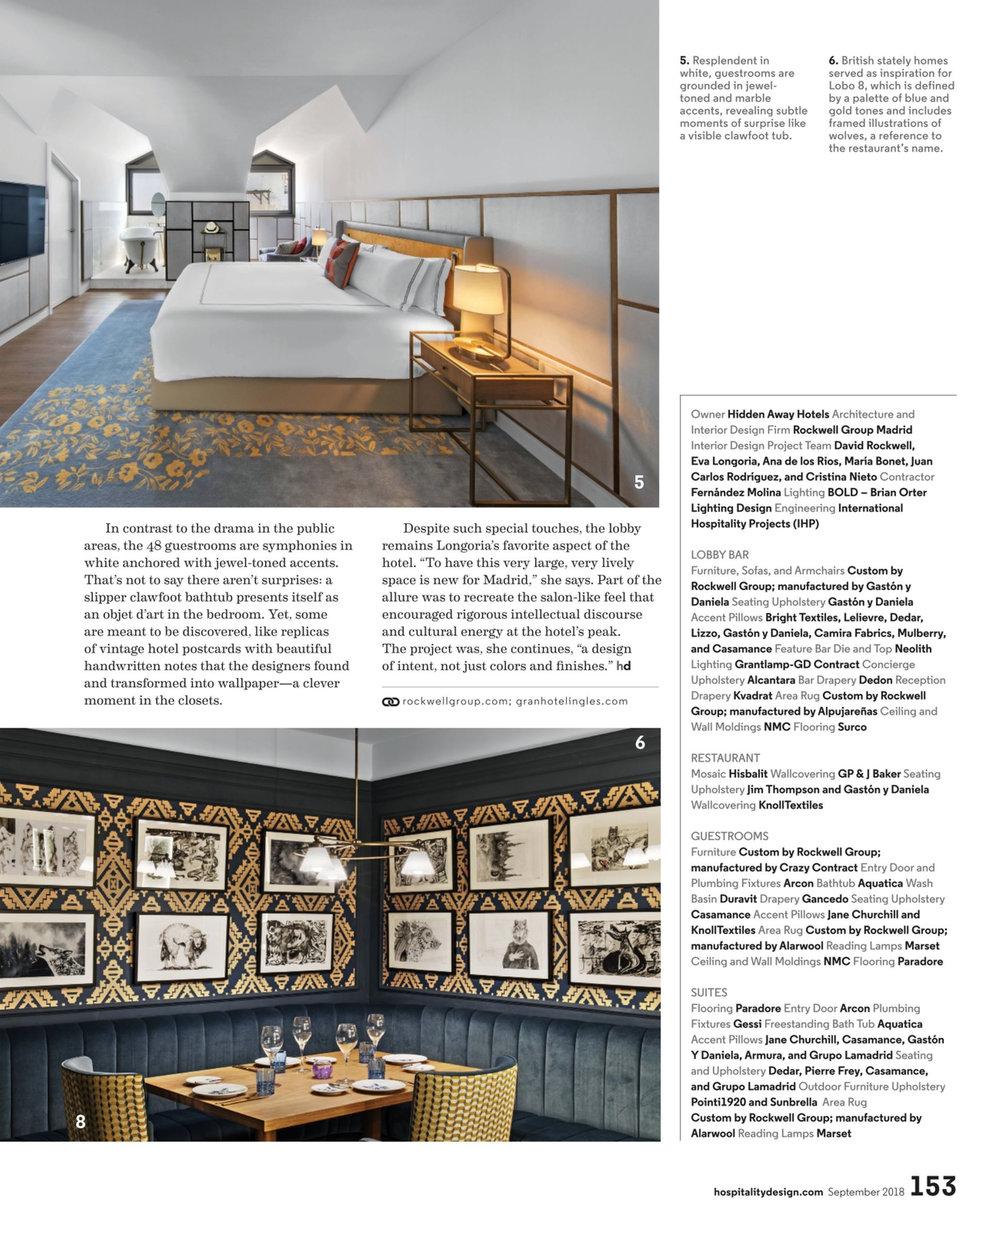 Hospitality Design - September 2018 150 - 153-4.jpg